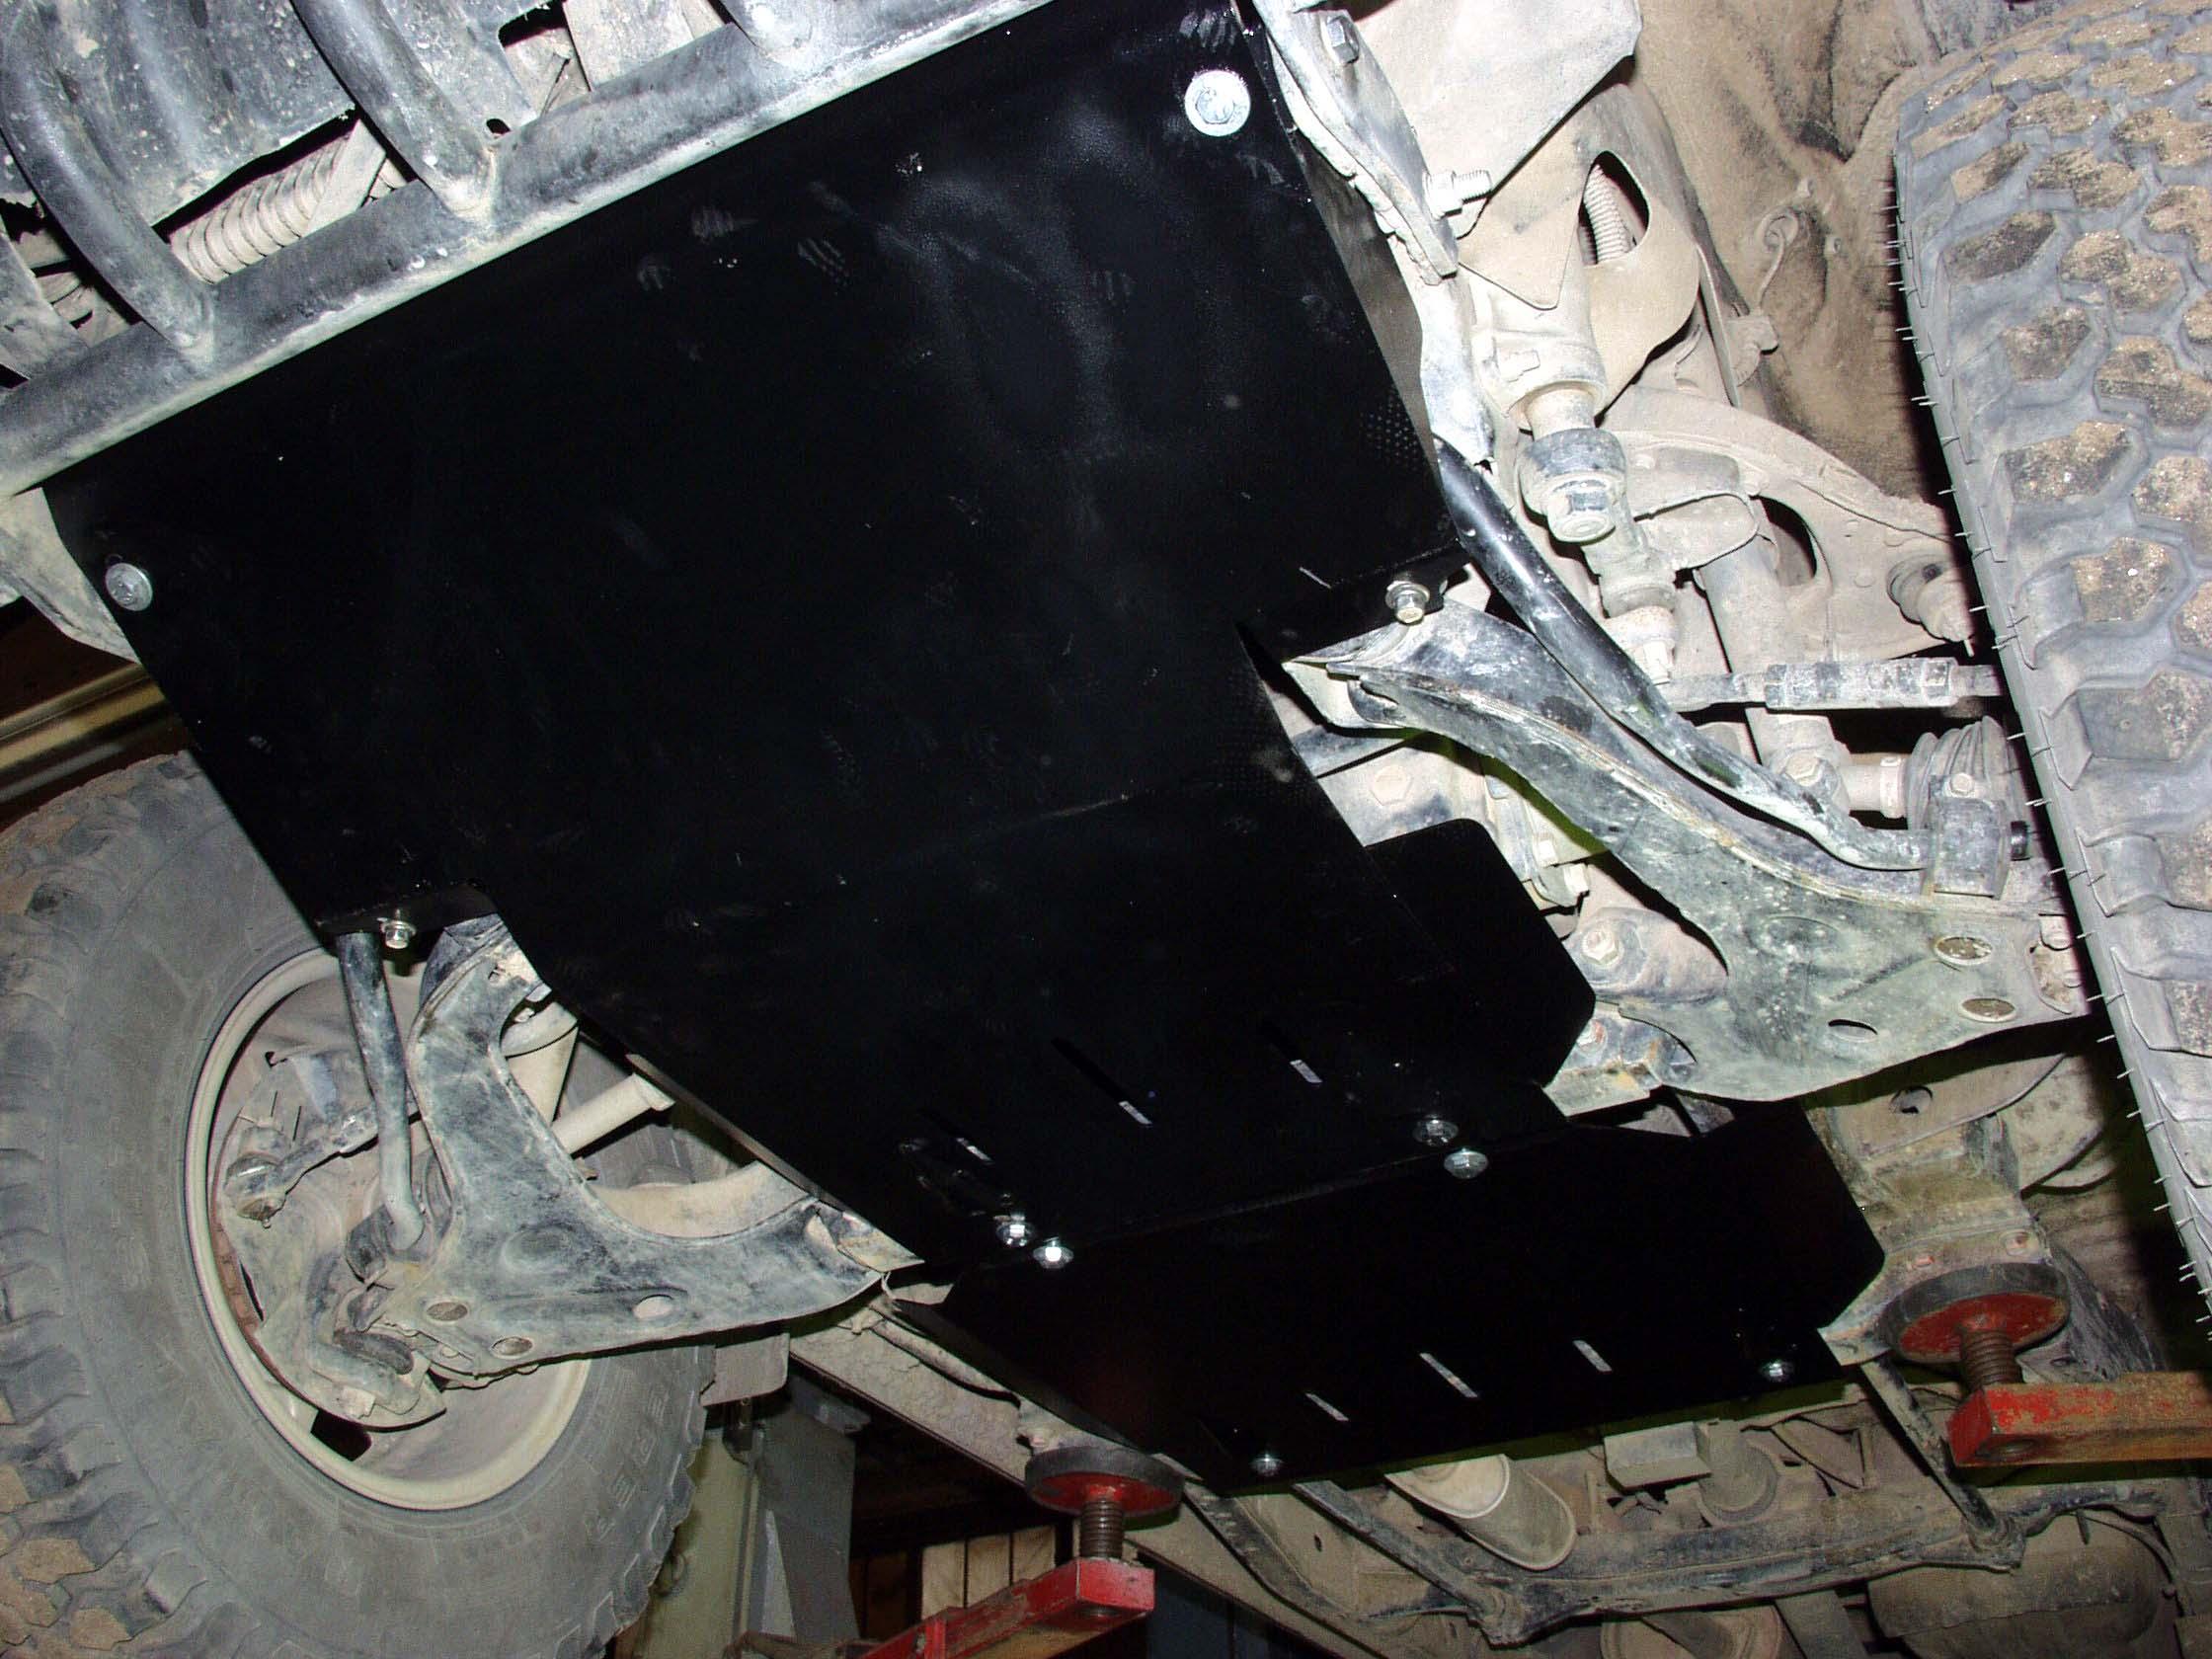 Митсубиси спейс стар защита двигателя своими руками